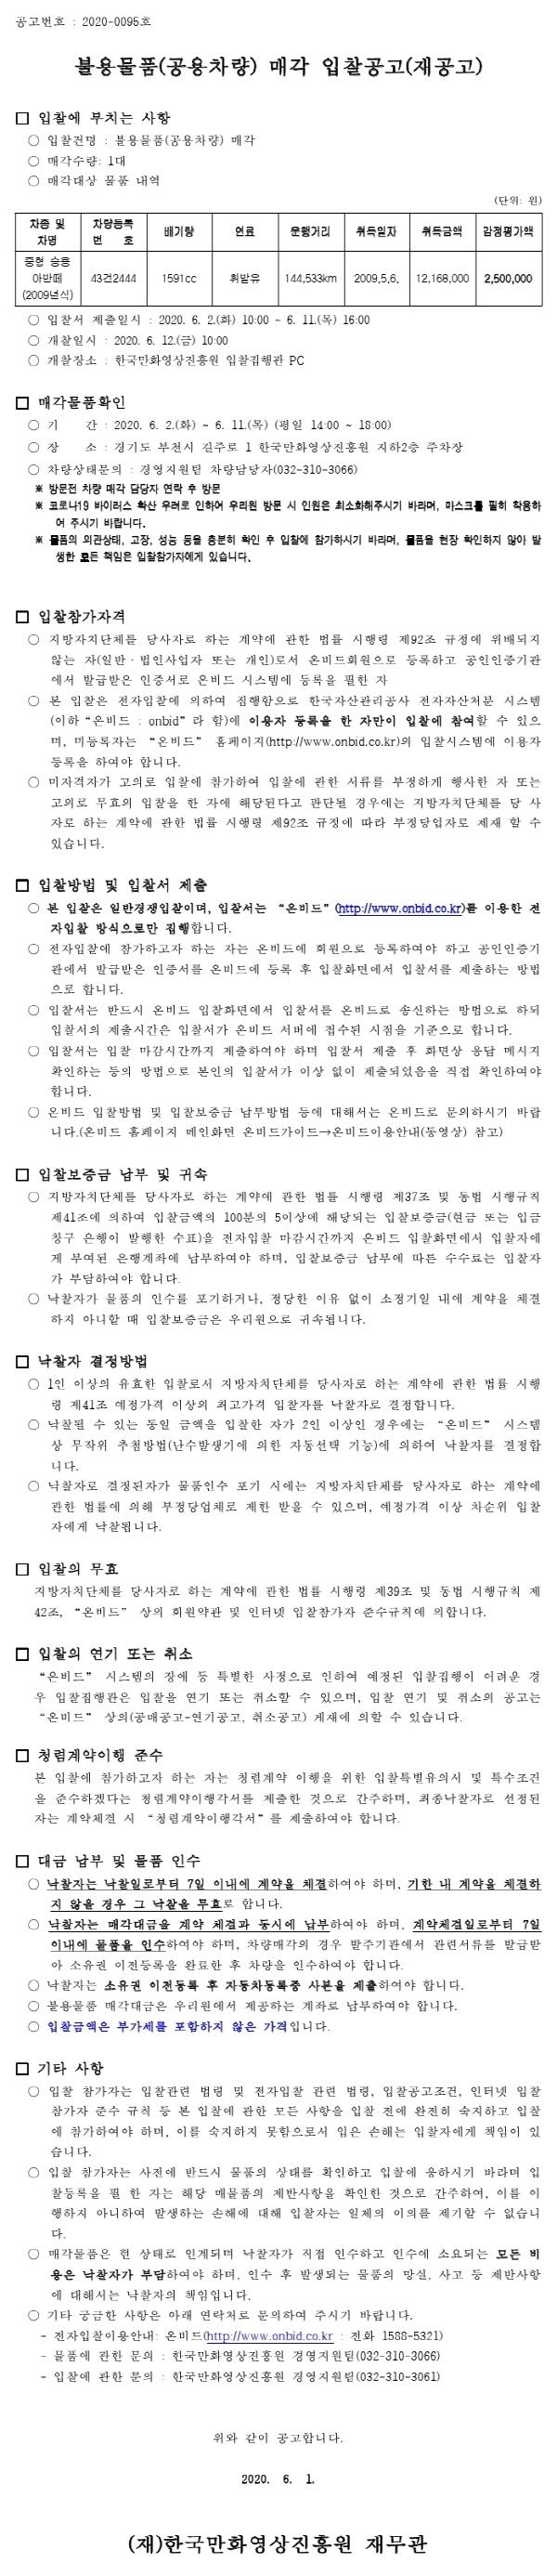 크기변환_200529불용물품(공용차량) 매각 전자입찰 공고(재공고).pdf_page_1.jpg